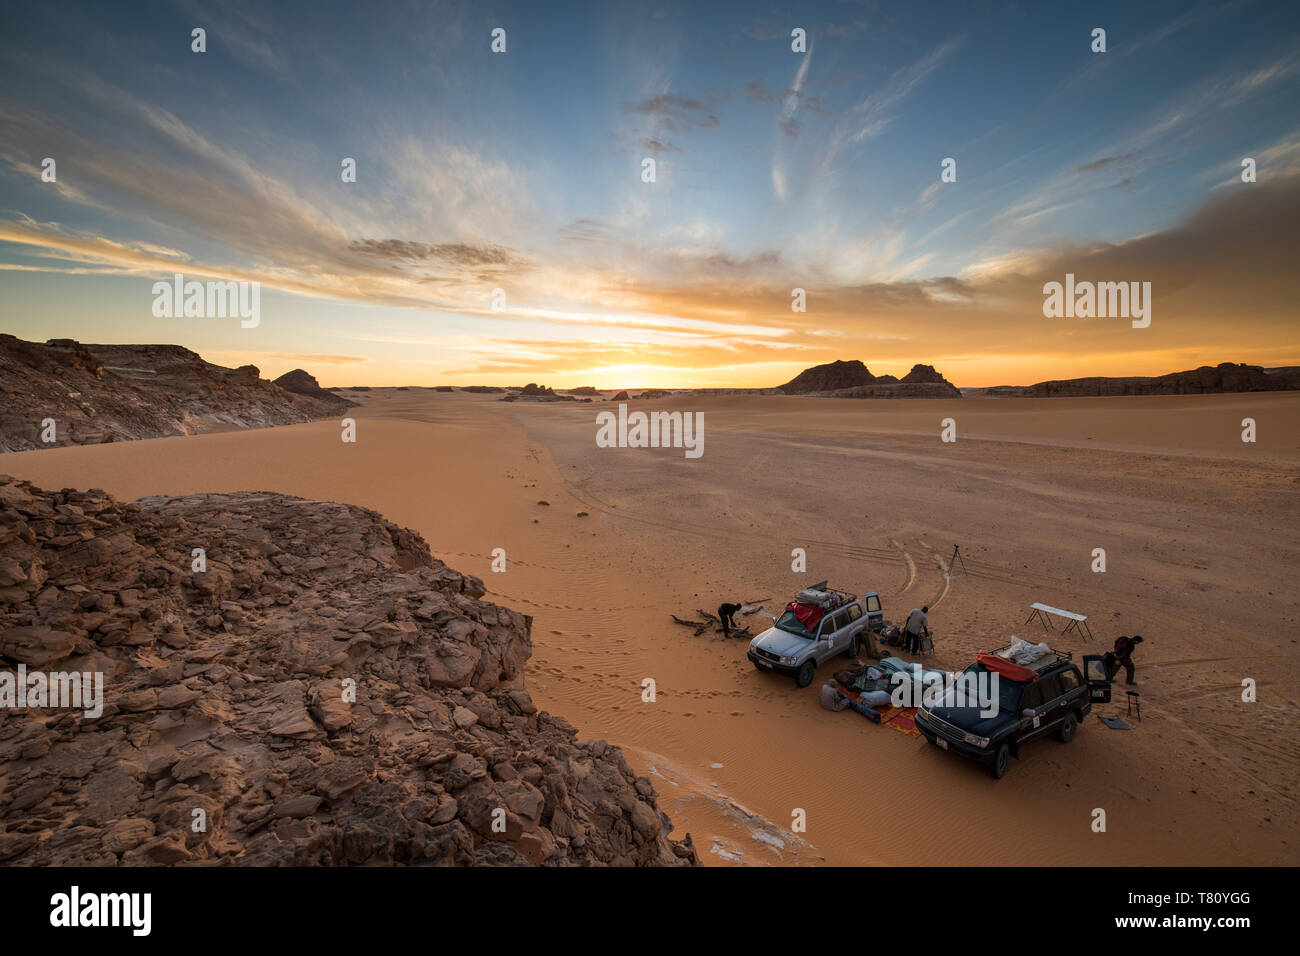 Des jeeps de l'expédition dans le Nord du Tchad, Afrique Banque D'Images